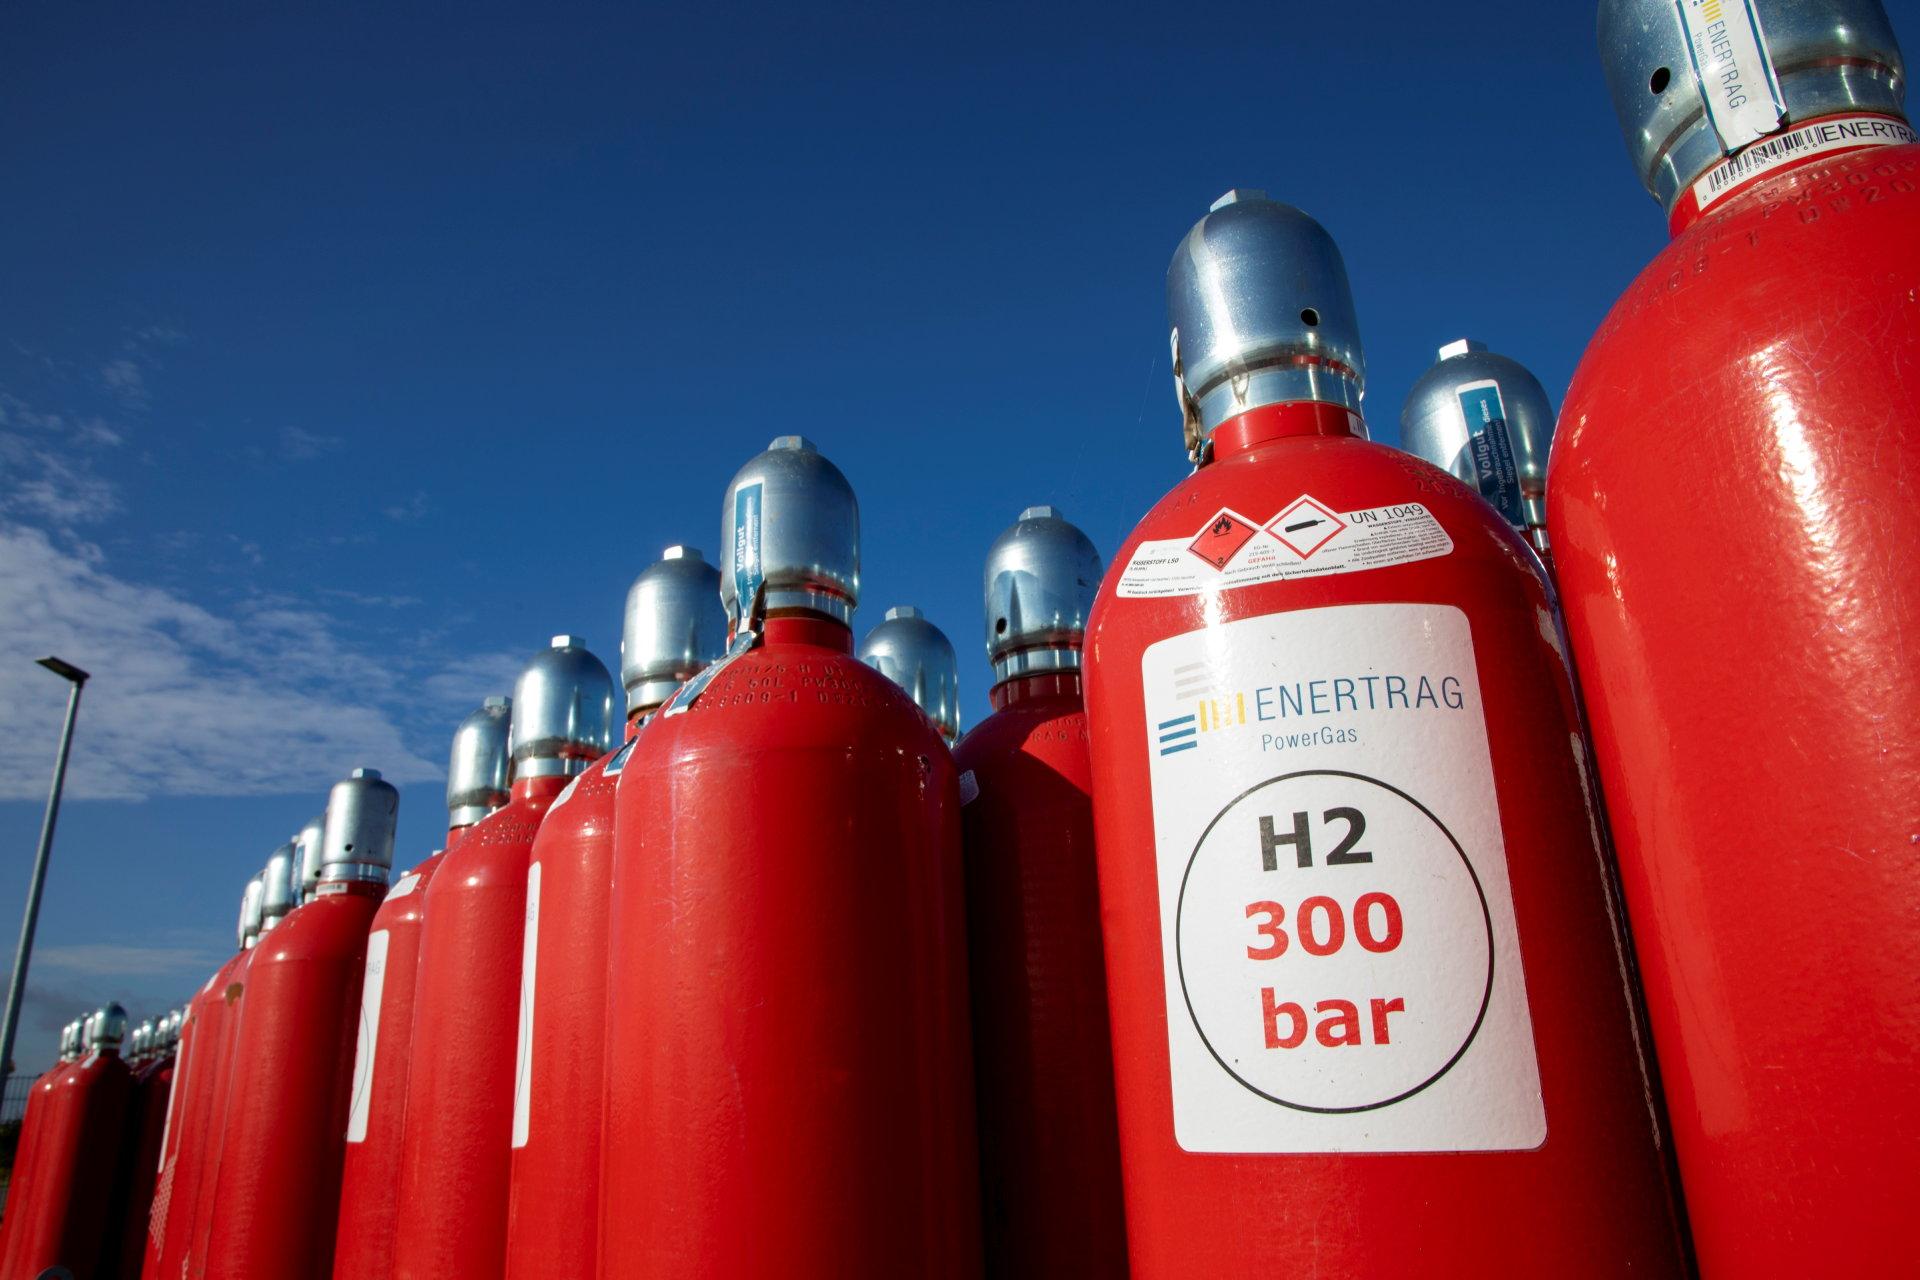 rote Wasserstofflaschen vor blauem Himmel